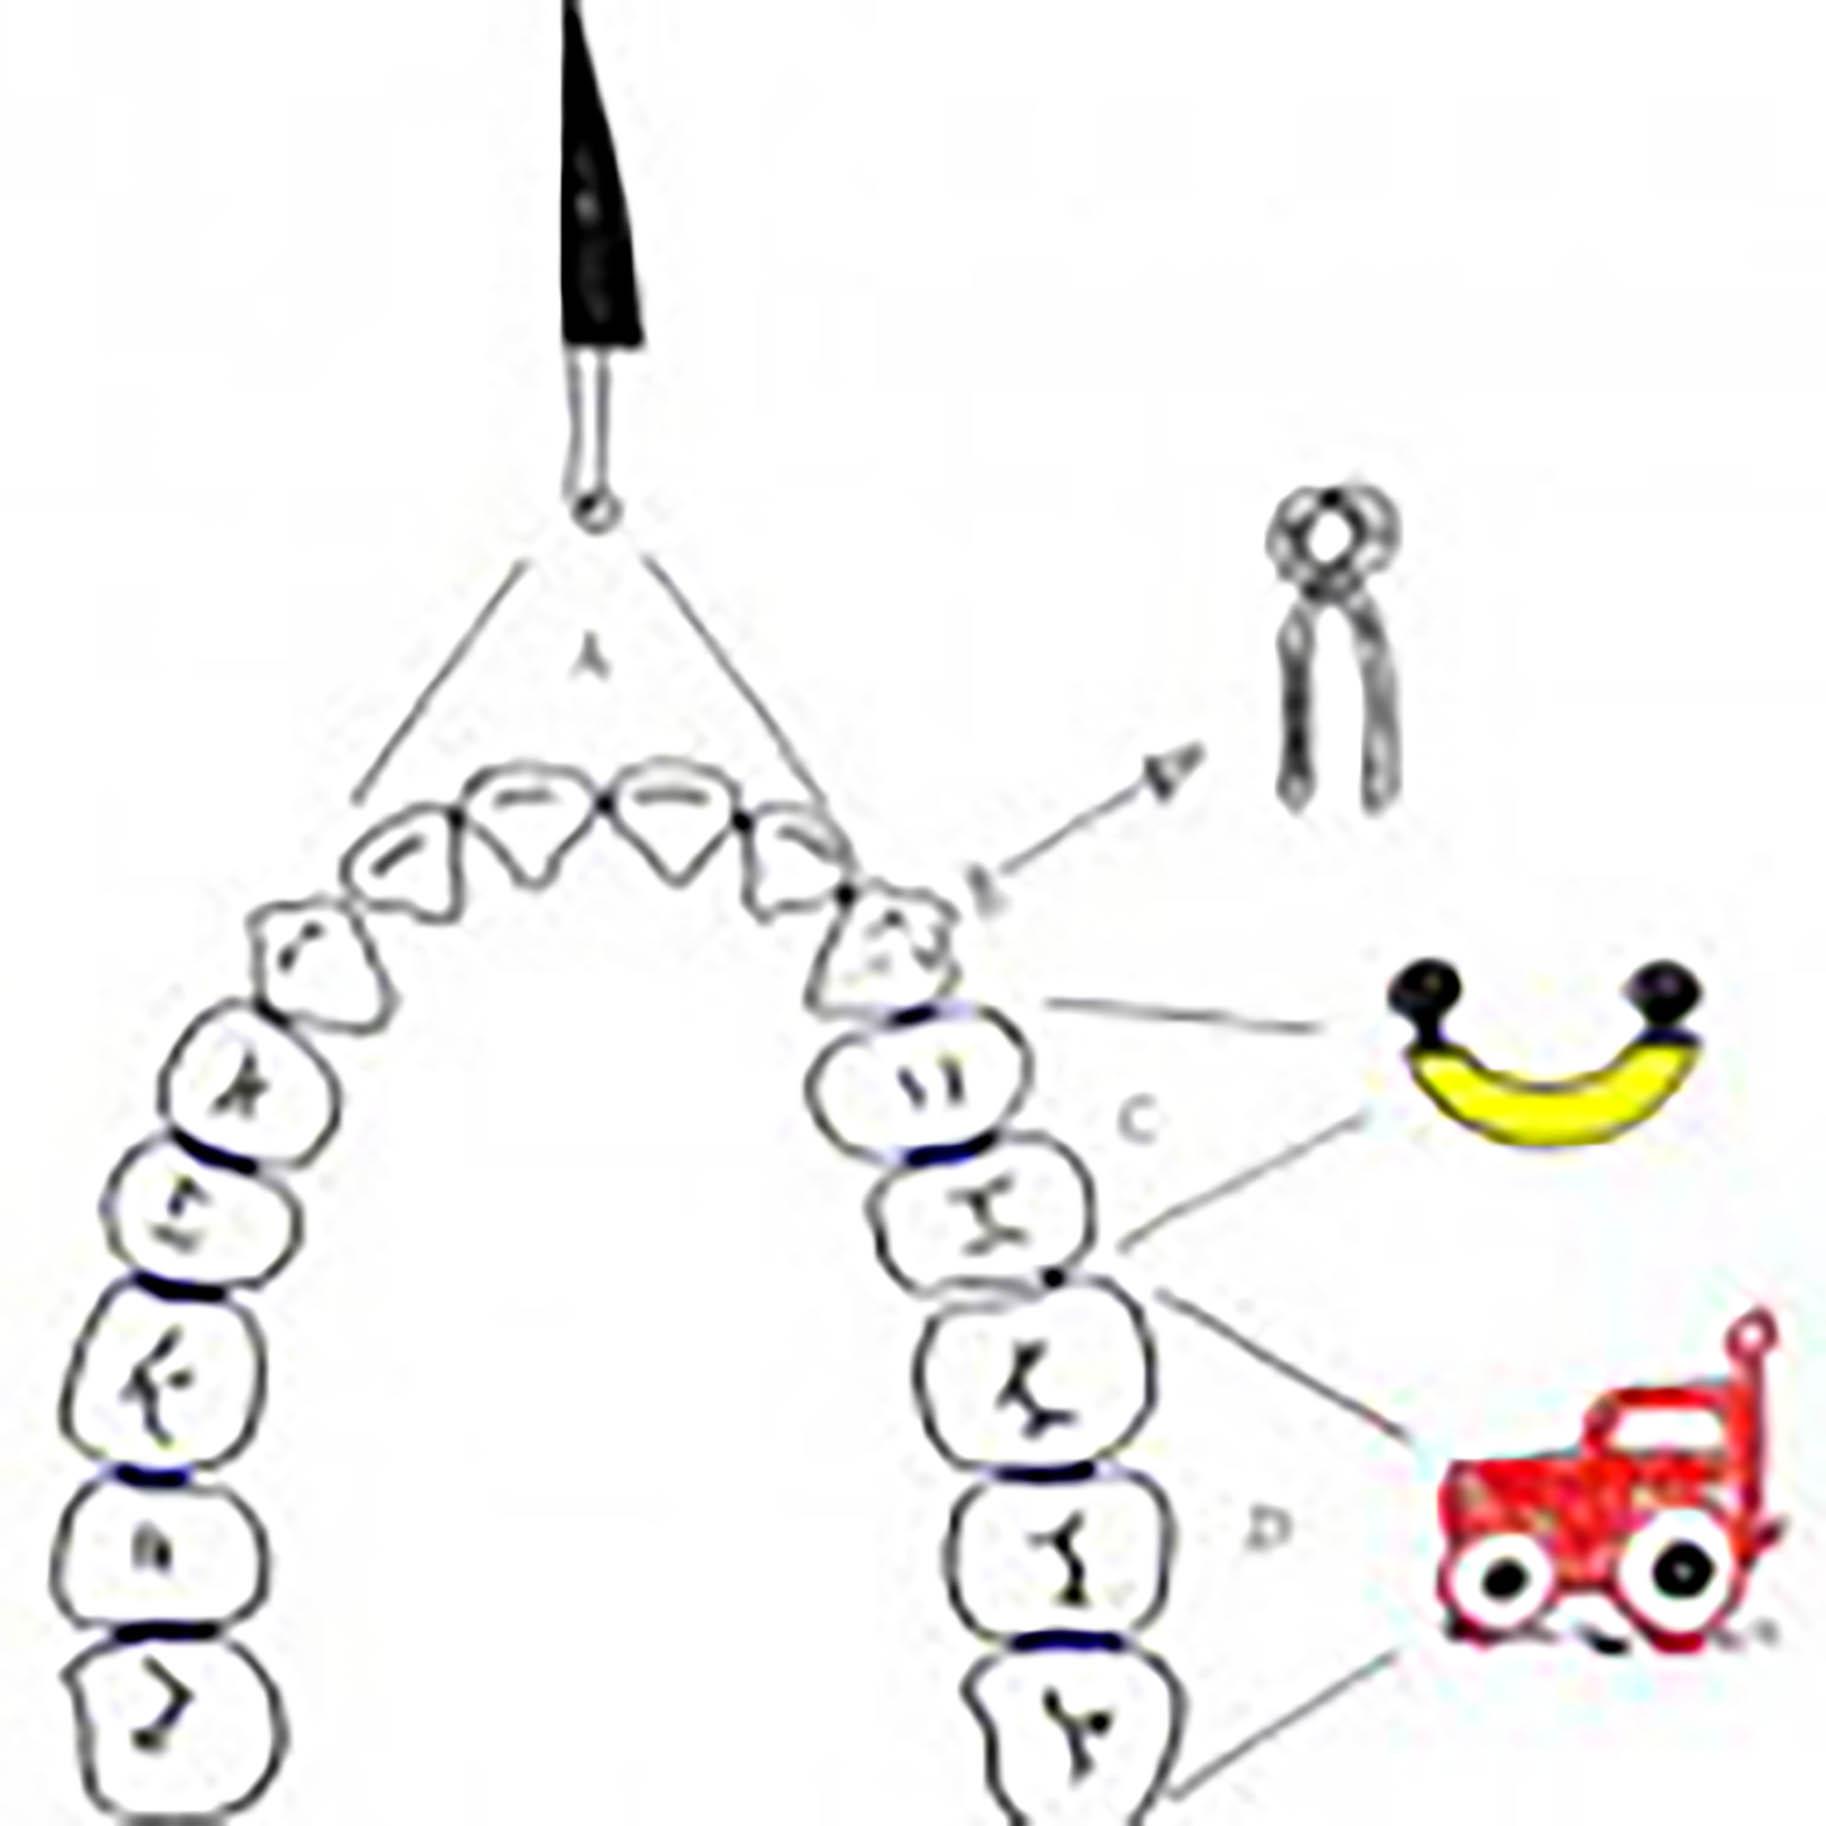 immagine mostra la funzione dei diversi denti